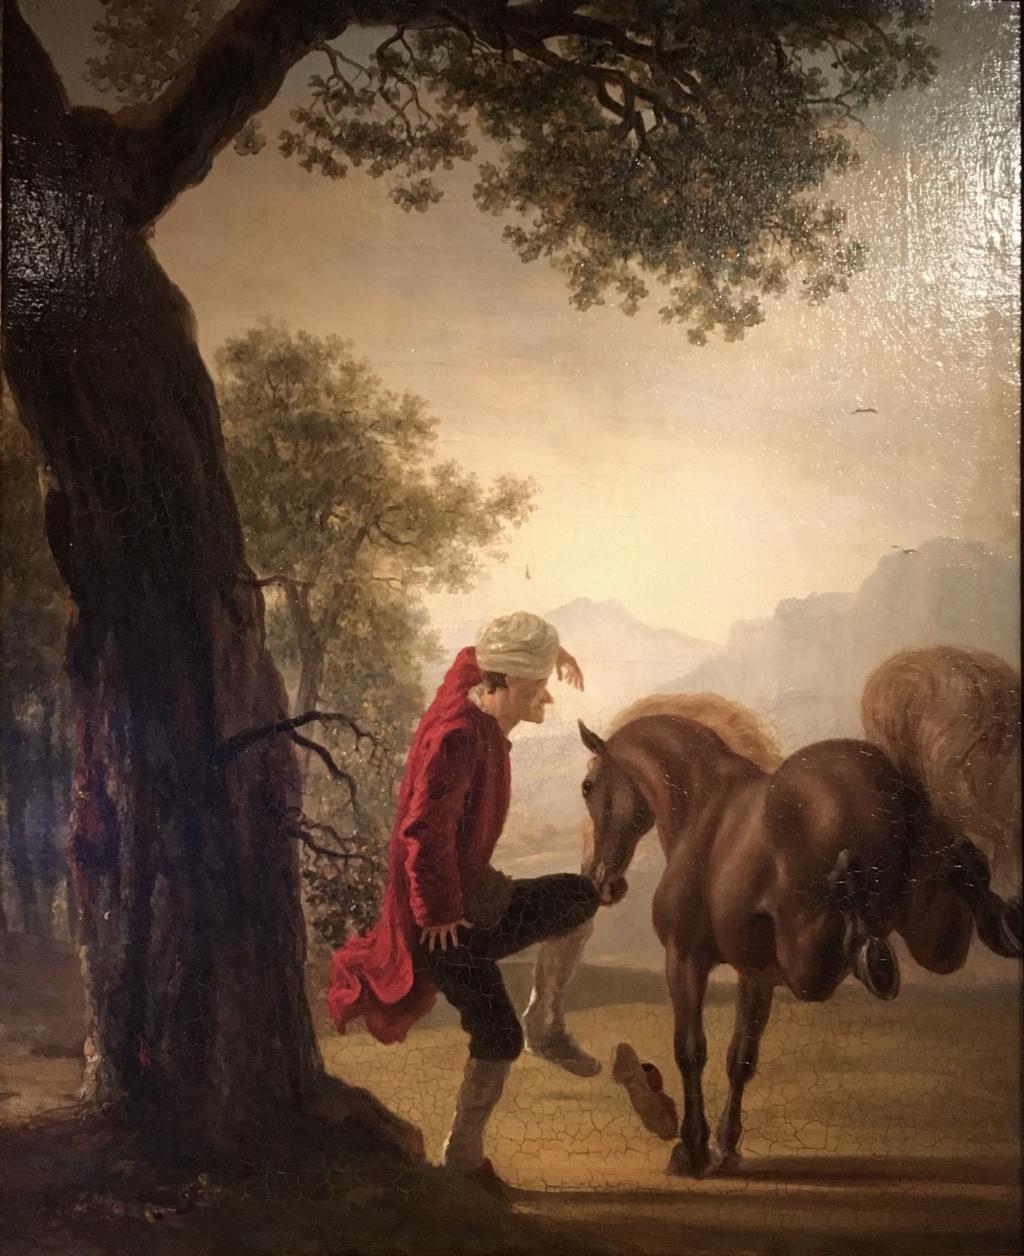 Le Siècle de Louis XIV, Voltaire historien de la modernité 94db6f10